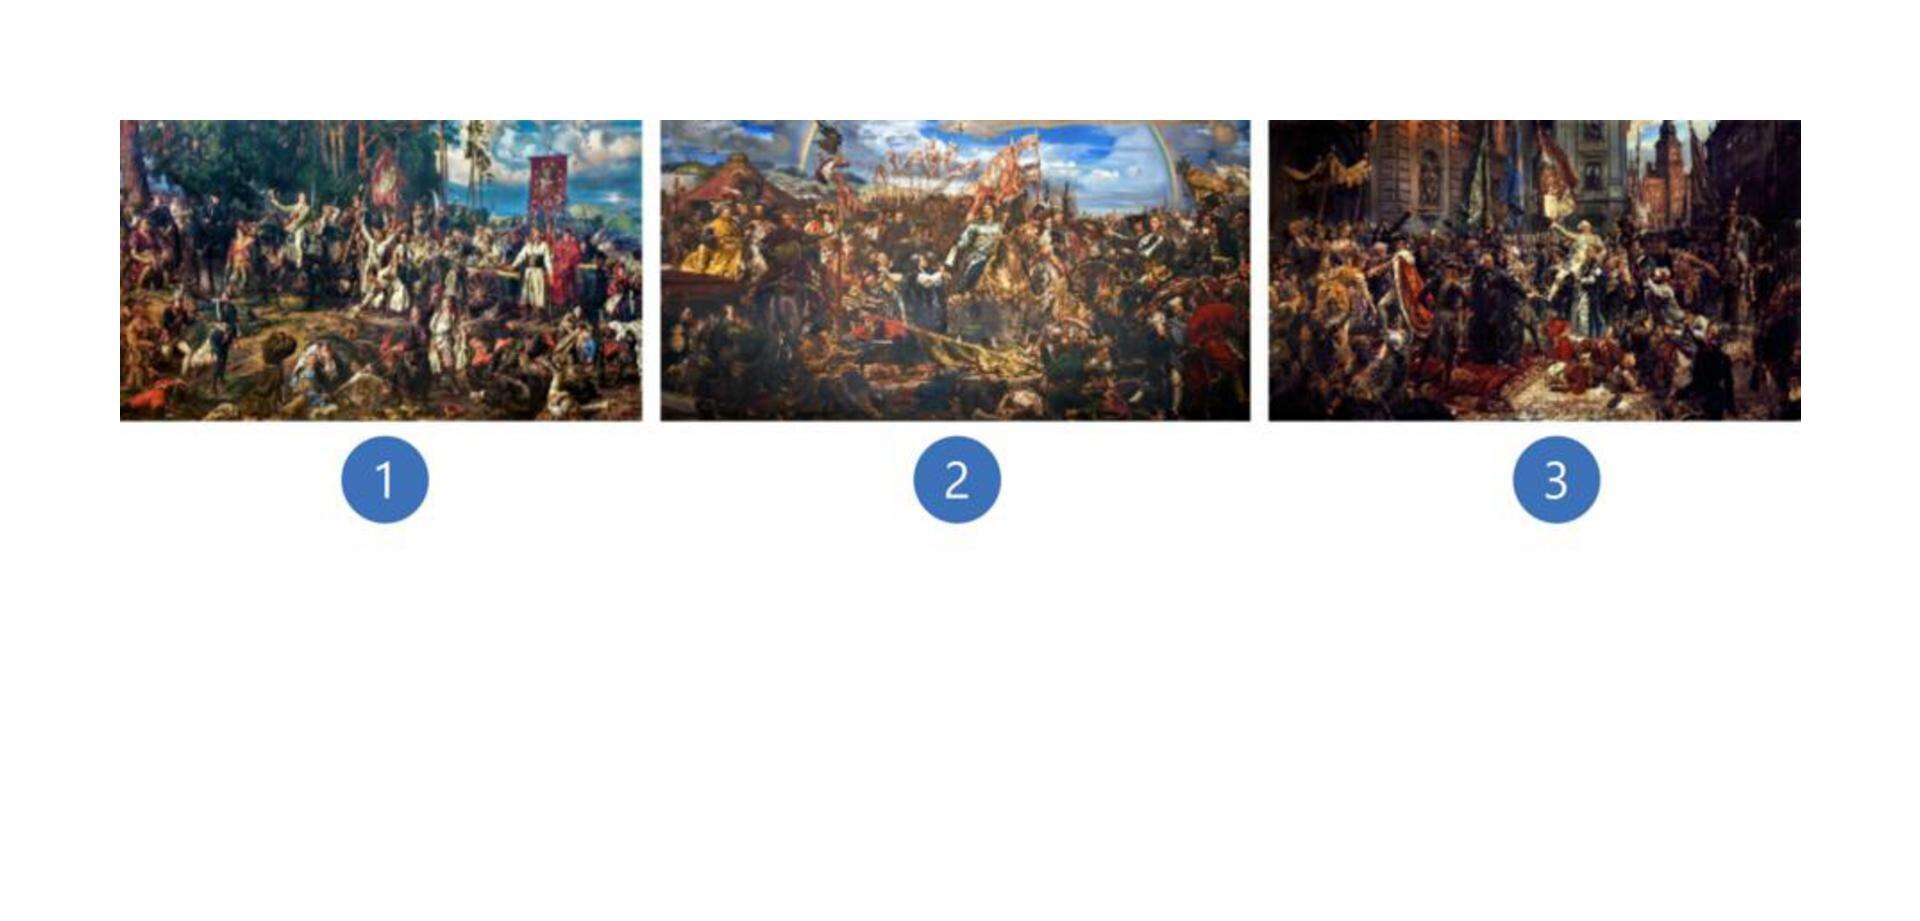 Wzadaniu zostały wykorzystane trzy dzieła sztuki Jana Matejko. Pierwszy znich przedstawia Tadeusza Kościuszkę pod Racławicami, mężczyzna ubrany jest wmodny frak mundurowy. Drugie dzieło przedstawia scenę, podczas której król Jan III Sobieski siedząc na koniu, wręcza list kanonikowi Denhoffowi wysłannikowi papieża Innocentego XI, zwiadomością opokonaniu wojsk tureckich ubram Wiednia. Trzecie dzieło przedstawia pochód posłów zZamku Królewskiego do kolegiaty św. Jana. Pochód podąża ul. Świętojańską wśród rozentuzjazmowanego tłumu mieszkańców Warszawy. Przejście ochraniają żołnierze prezentujący broń. Wgłębi, uwylotu ul. Świętojańskiej na pl. Zamkowy, widoczny jest fragment fasady Zamku Królewskiego zwieżą Zygmuntowską.